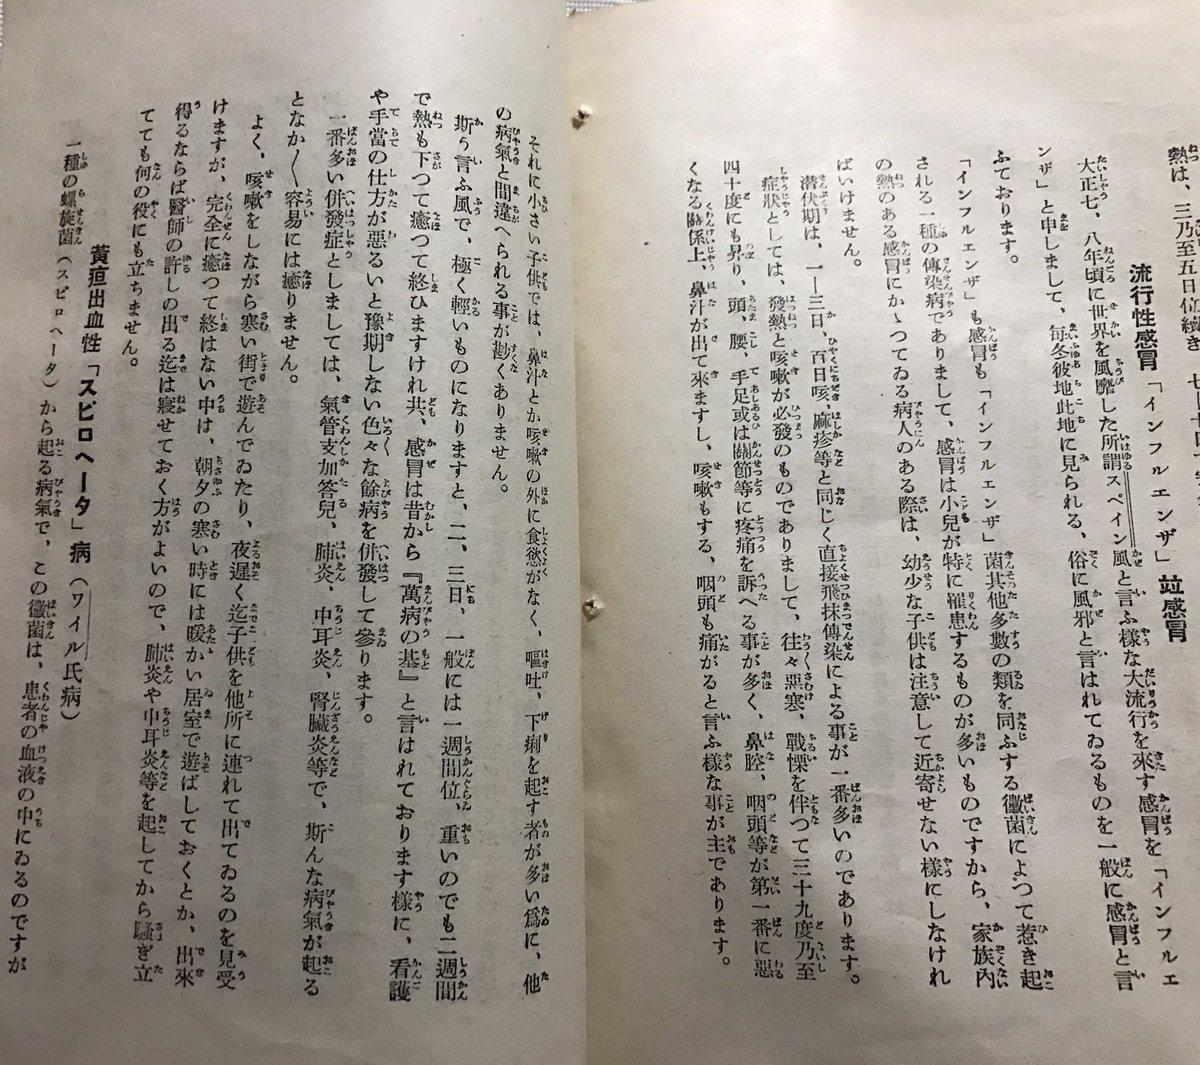 戦前の小児感染症についての本。 写真2枚目を見て欲しい。日本での1年間の死亡者数、全体数と5歳までの…